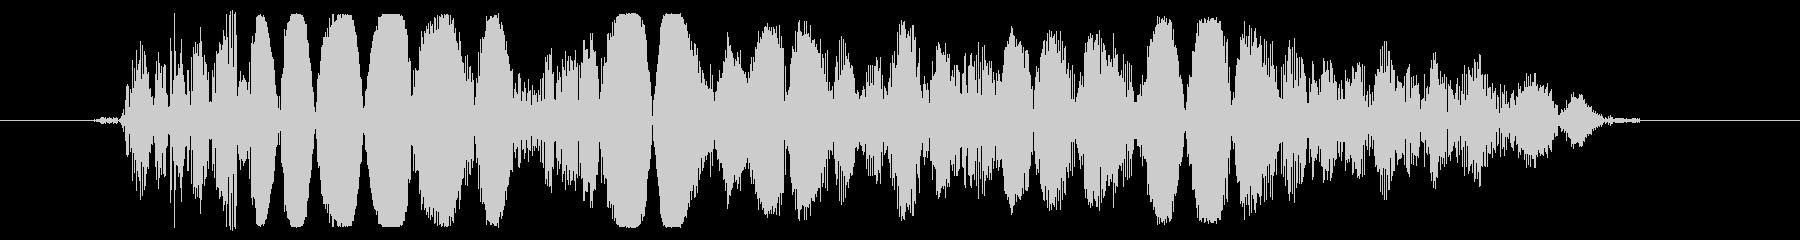 少し重めのパンチ,キックの効果音01の未再生の波形